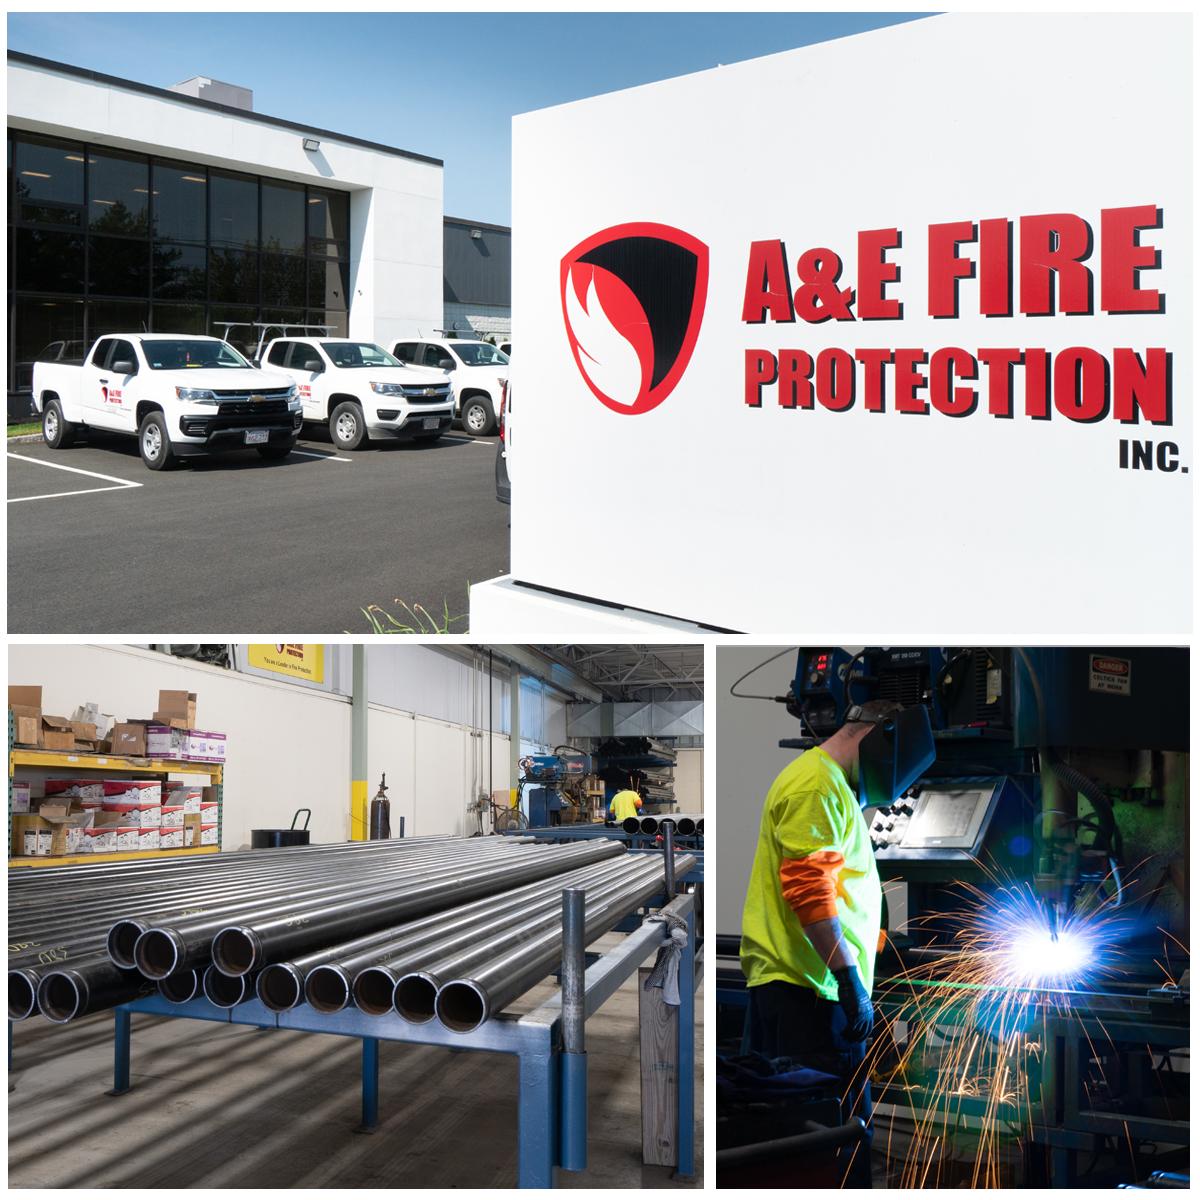 A&E Fire Protection